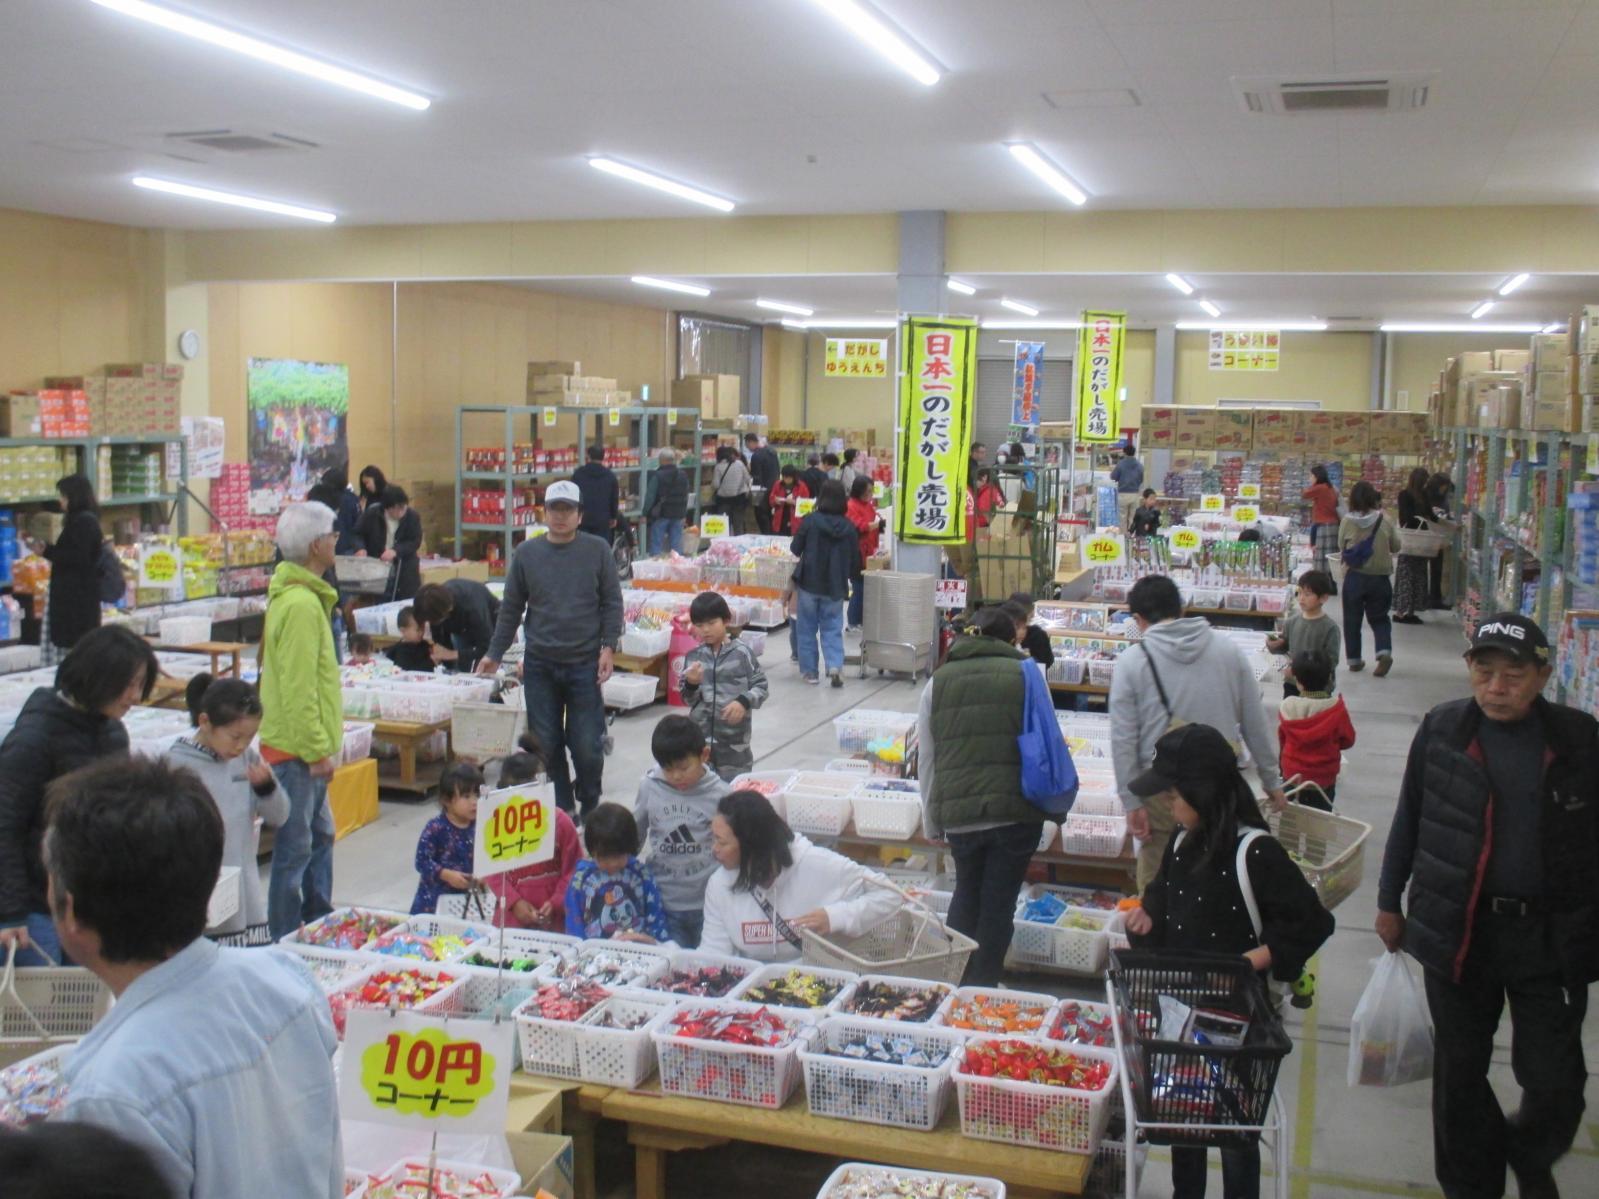 日本一のだがし売場-1